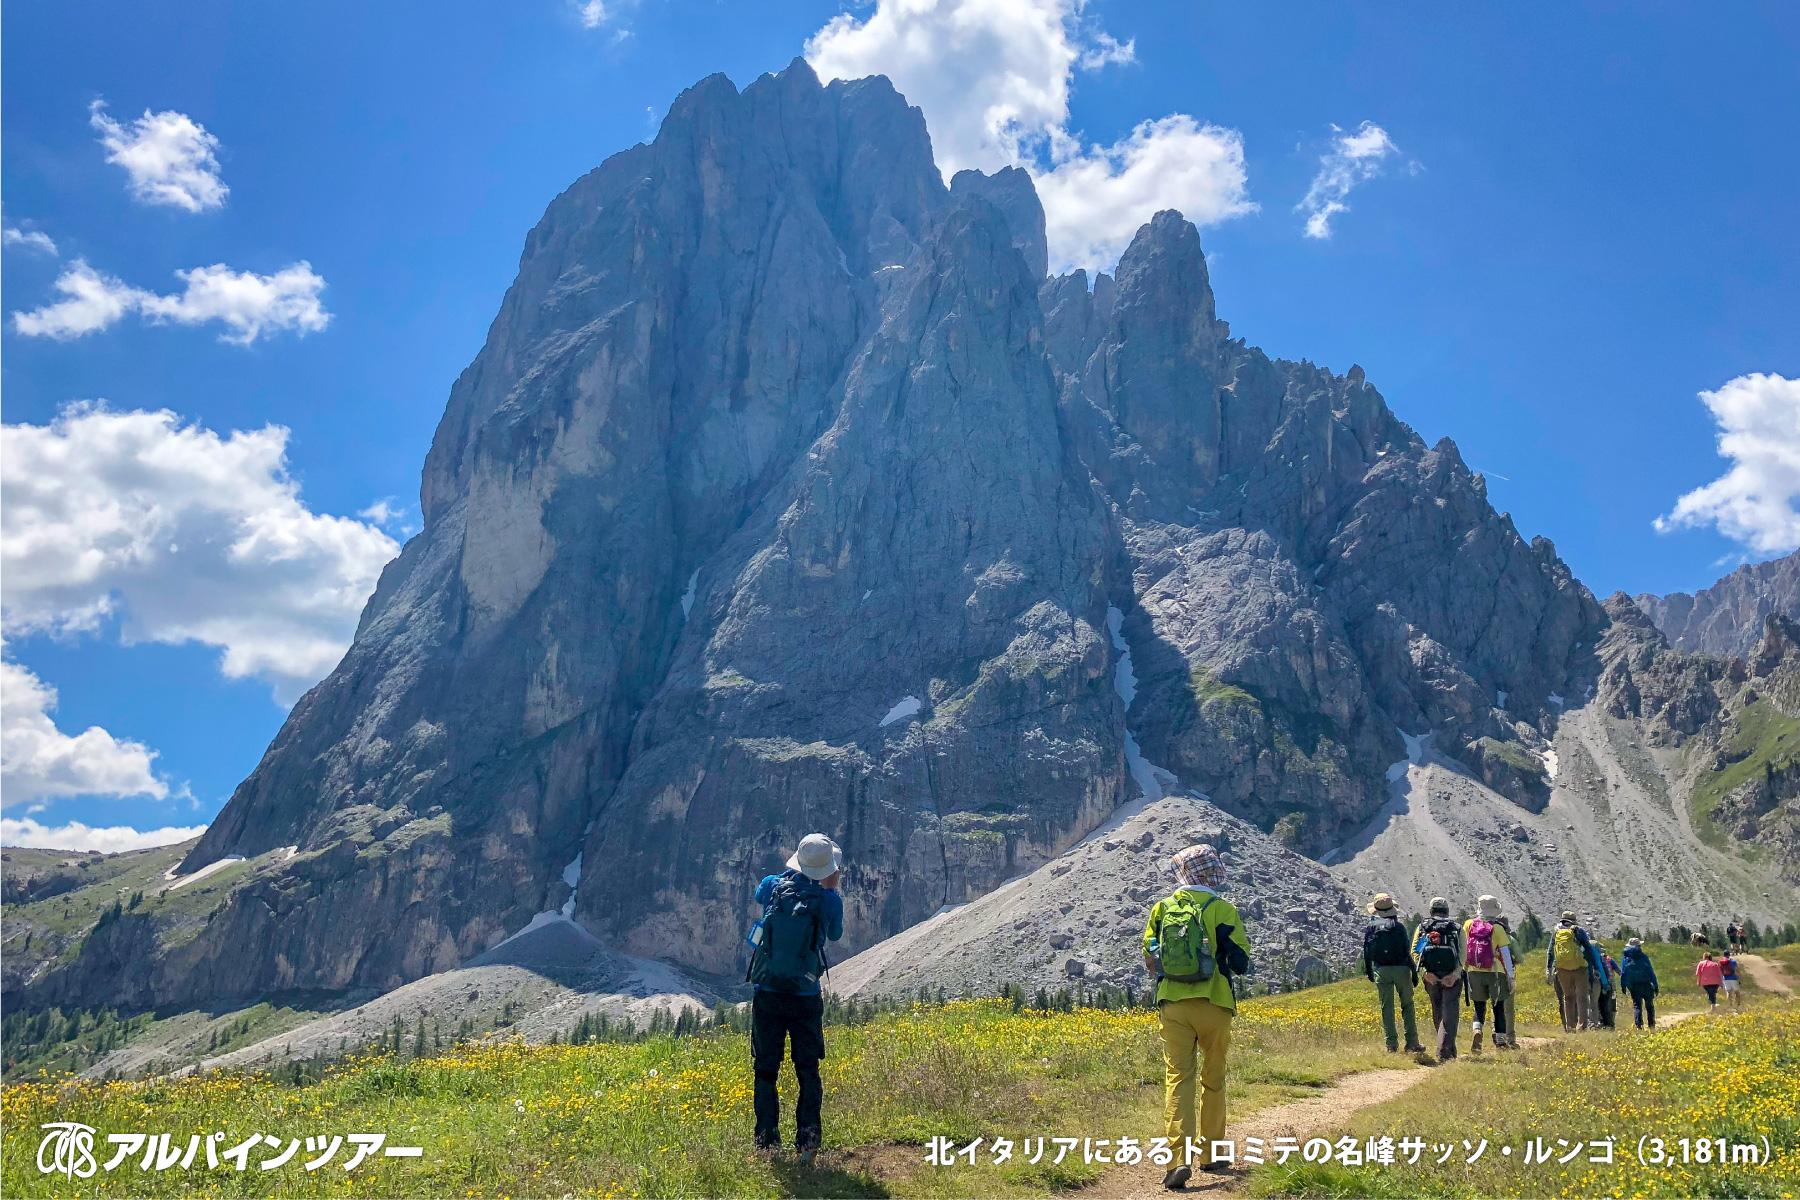 【今日の名峰】 サッソ・ルンゴ(3,181m)